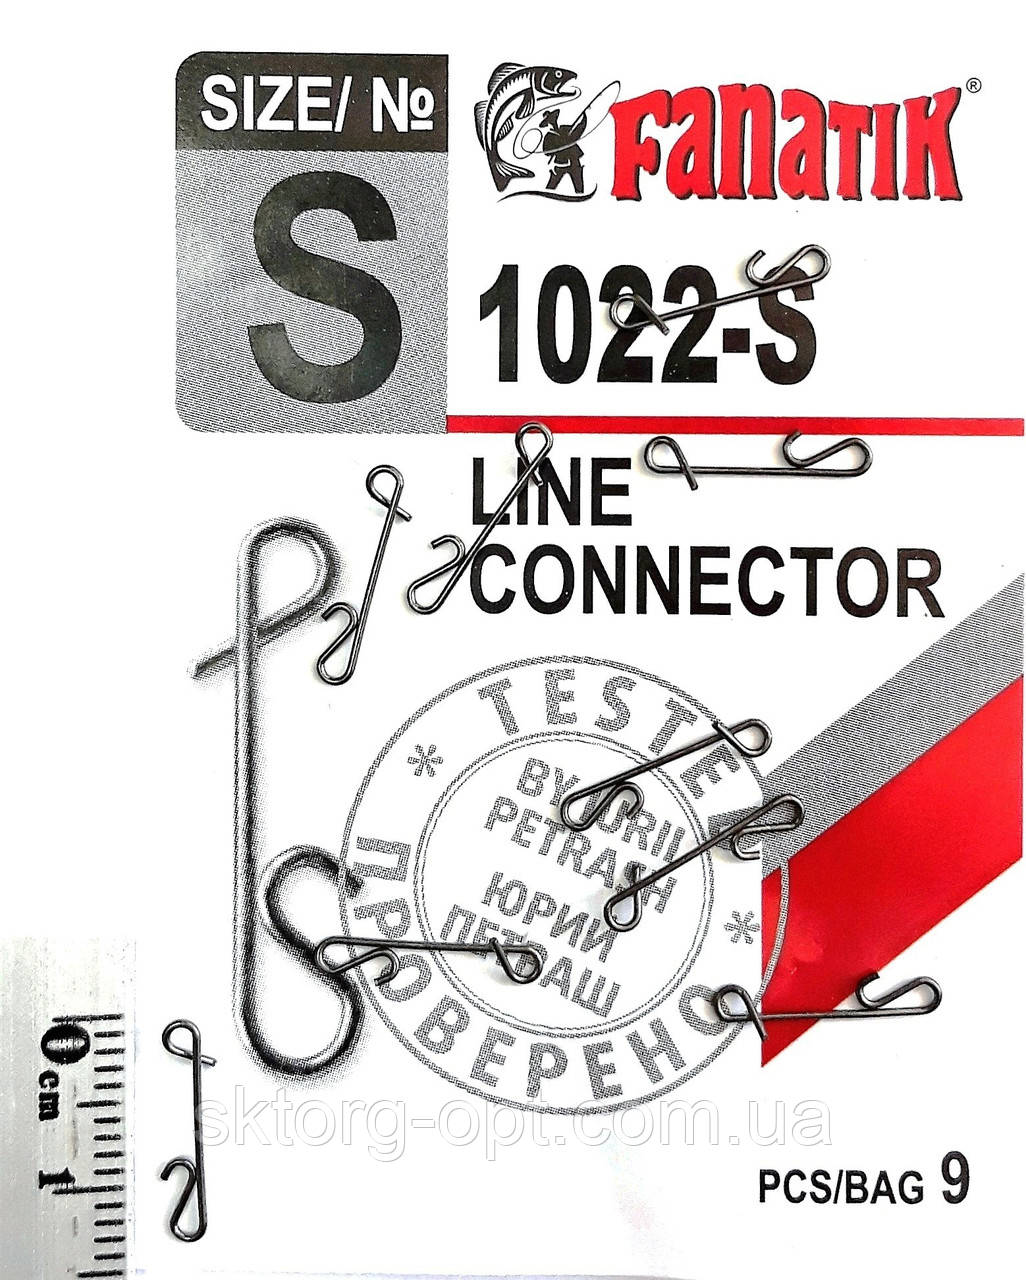 Застежка безузловая FANATIK 1022-Sг